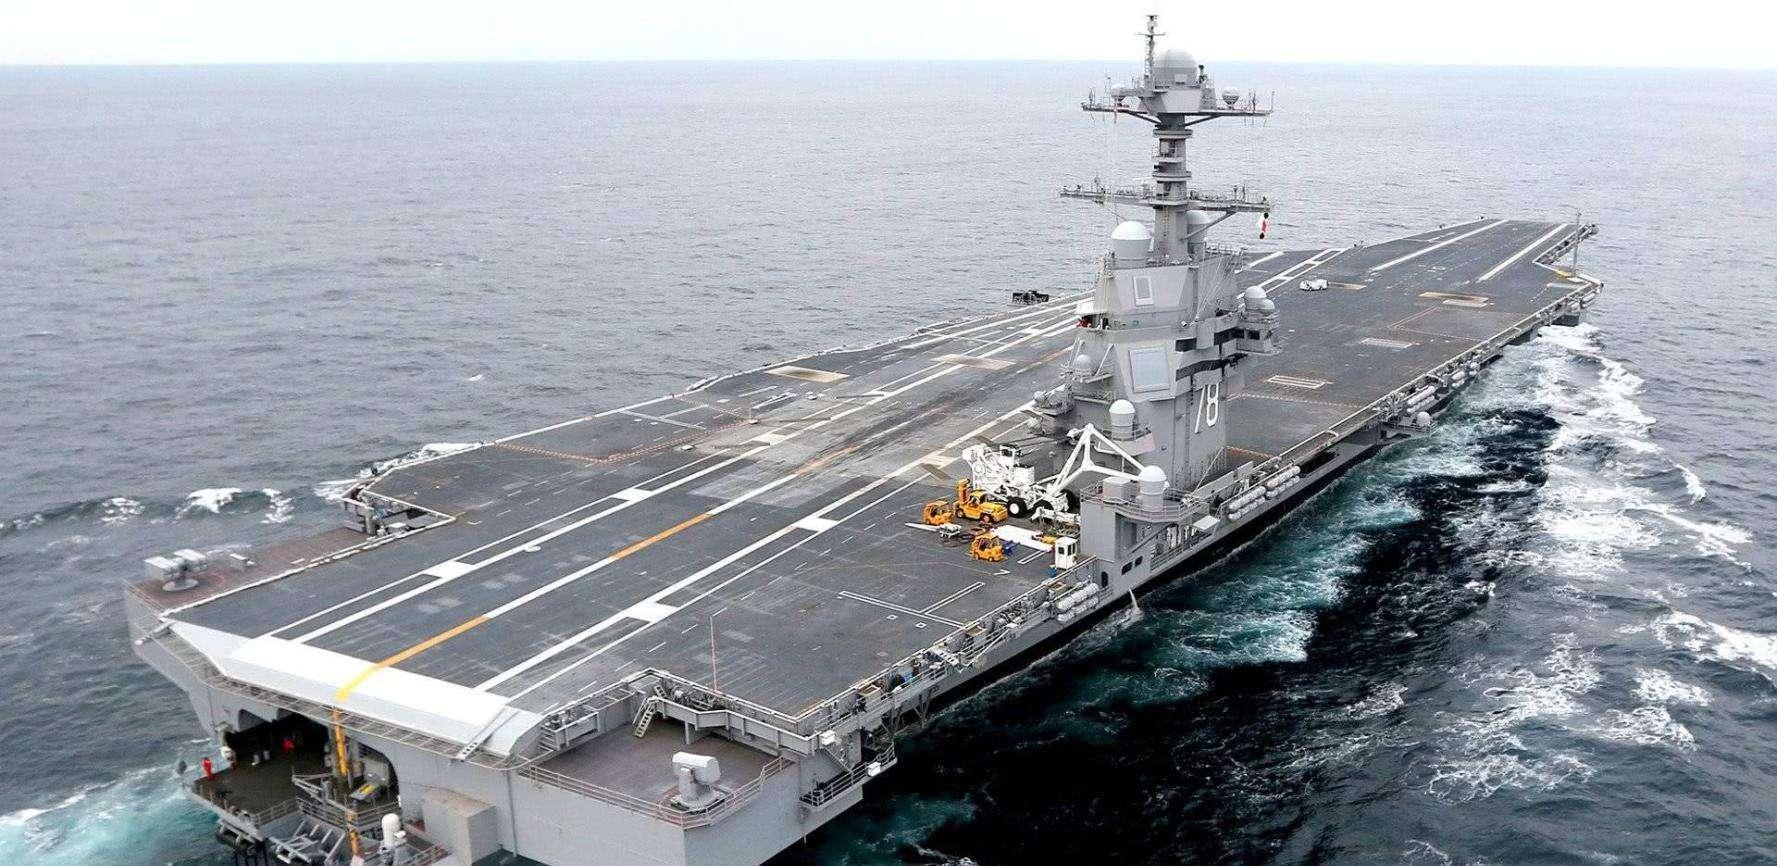 法国第二艘航母开建,比辽宁舰要大一万吨,中国003号也传来消息